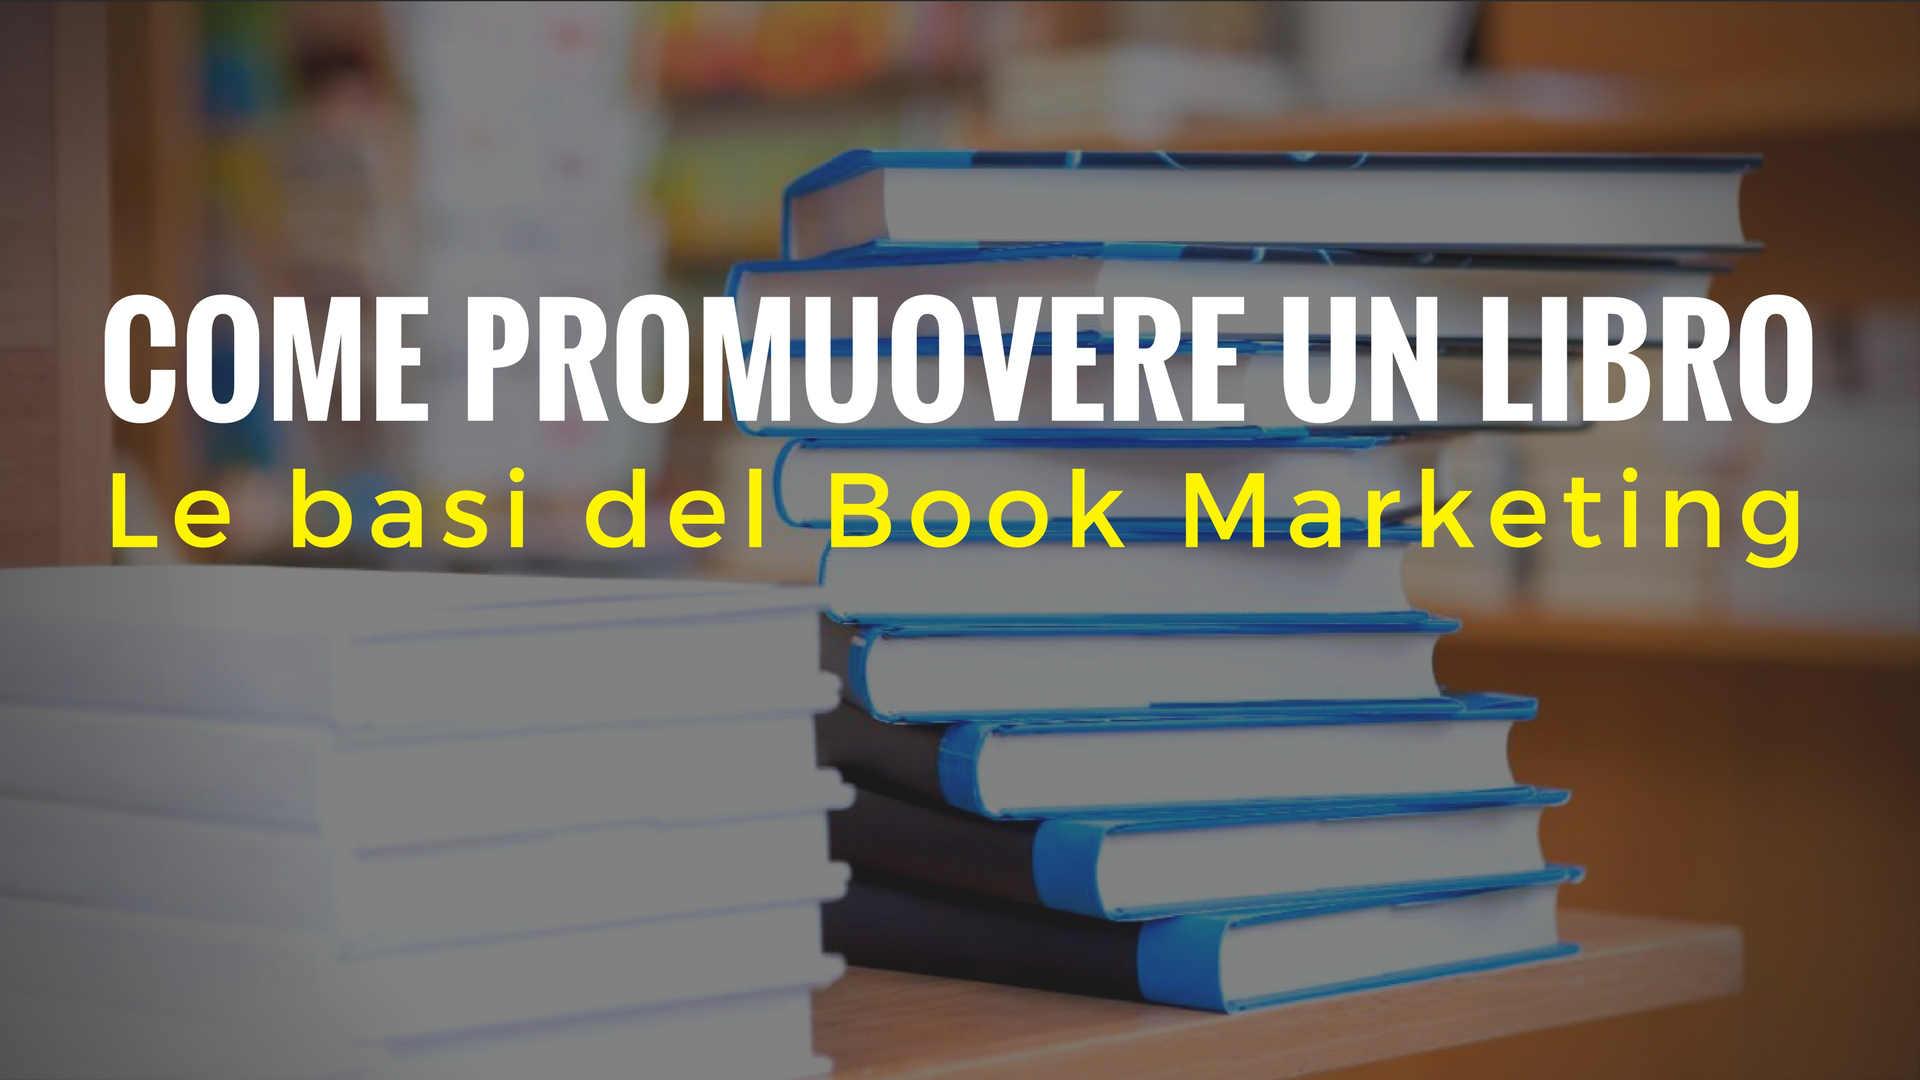 Come promuovere un libro: le basi del Book Marketing